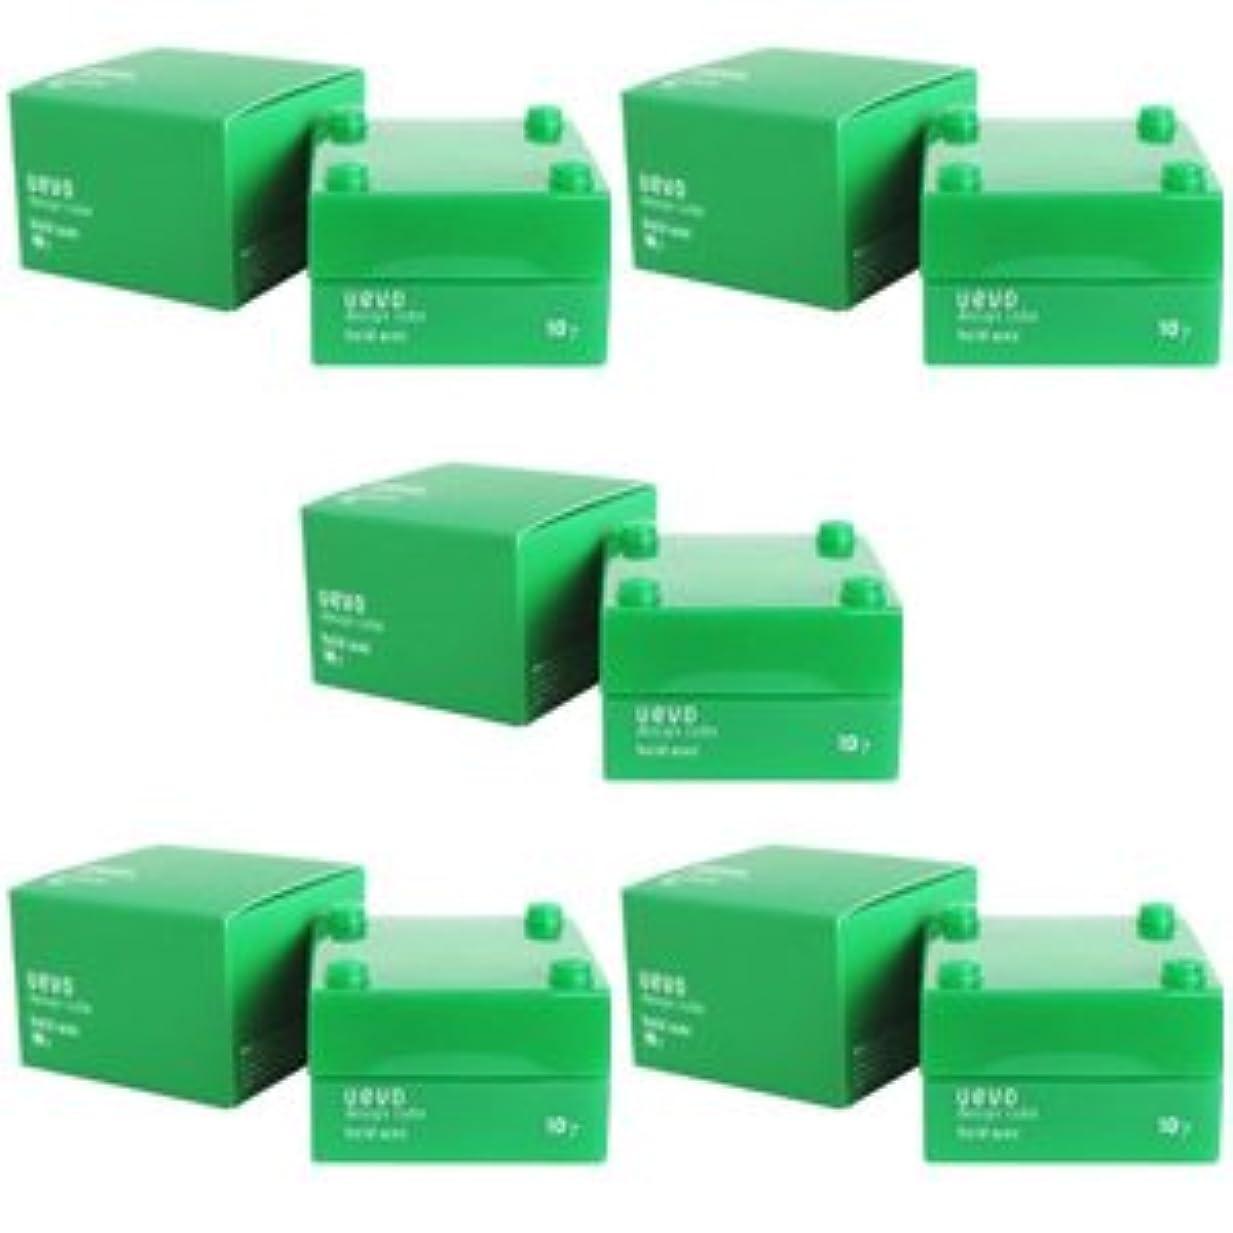 規制する副産物困惑【X5個セット】 デミ ウェーボ デザインキューブ ホールドワックス 30g hold wax DEMI uevo design cube